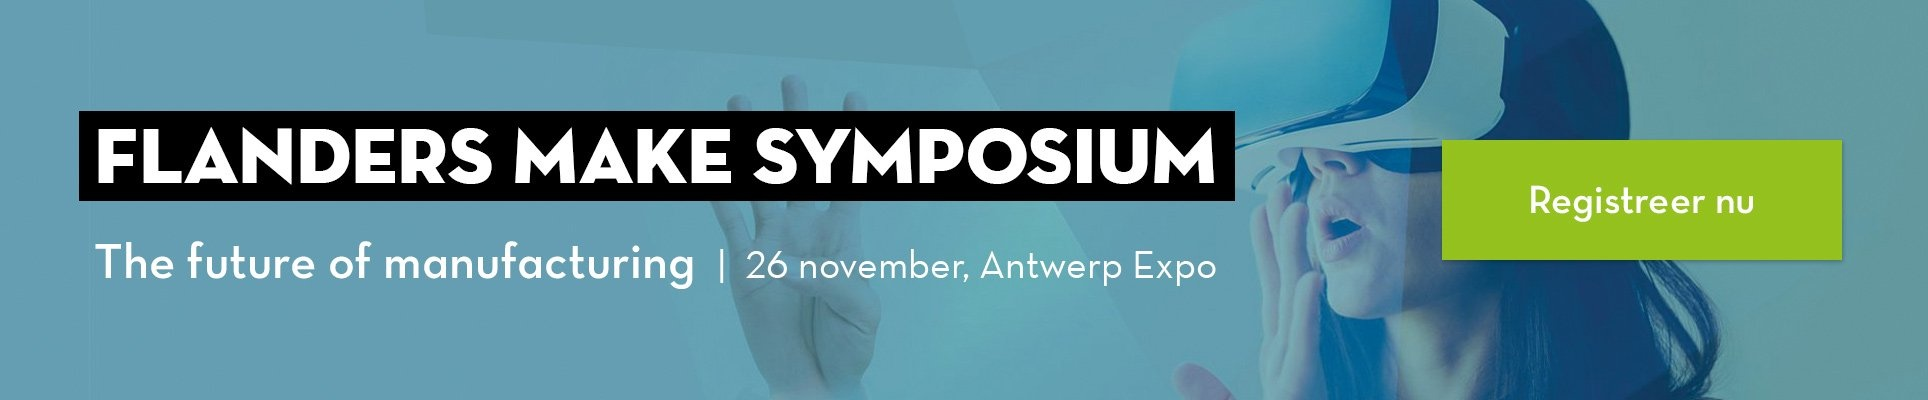 Registreer voor het Flanders Make Symposium